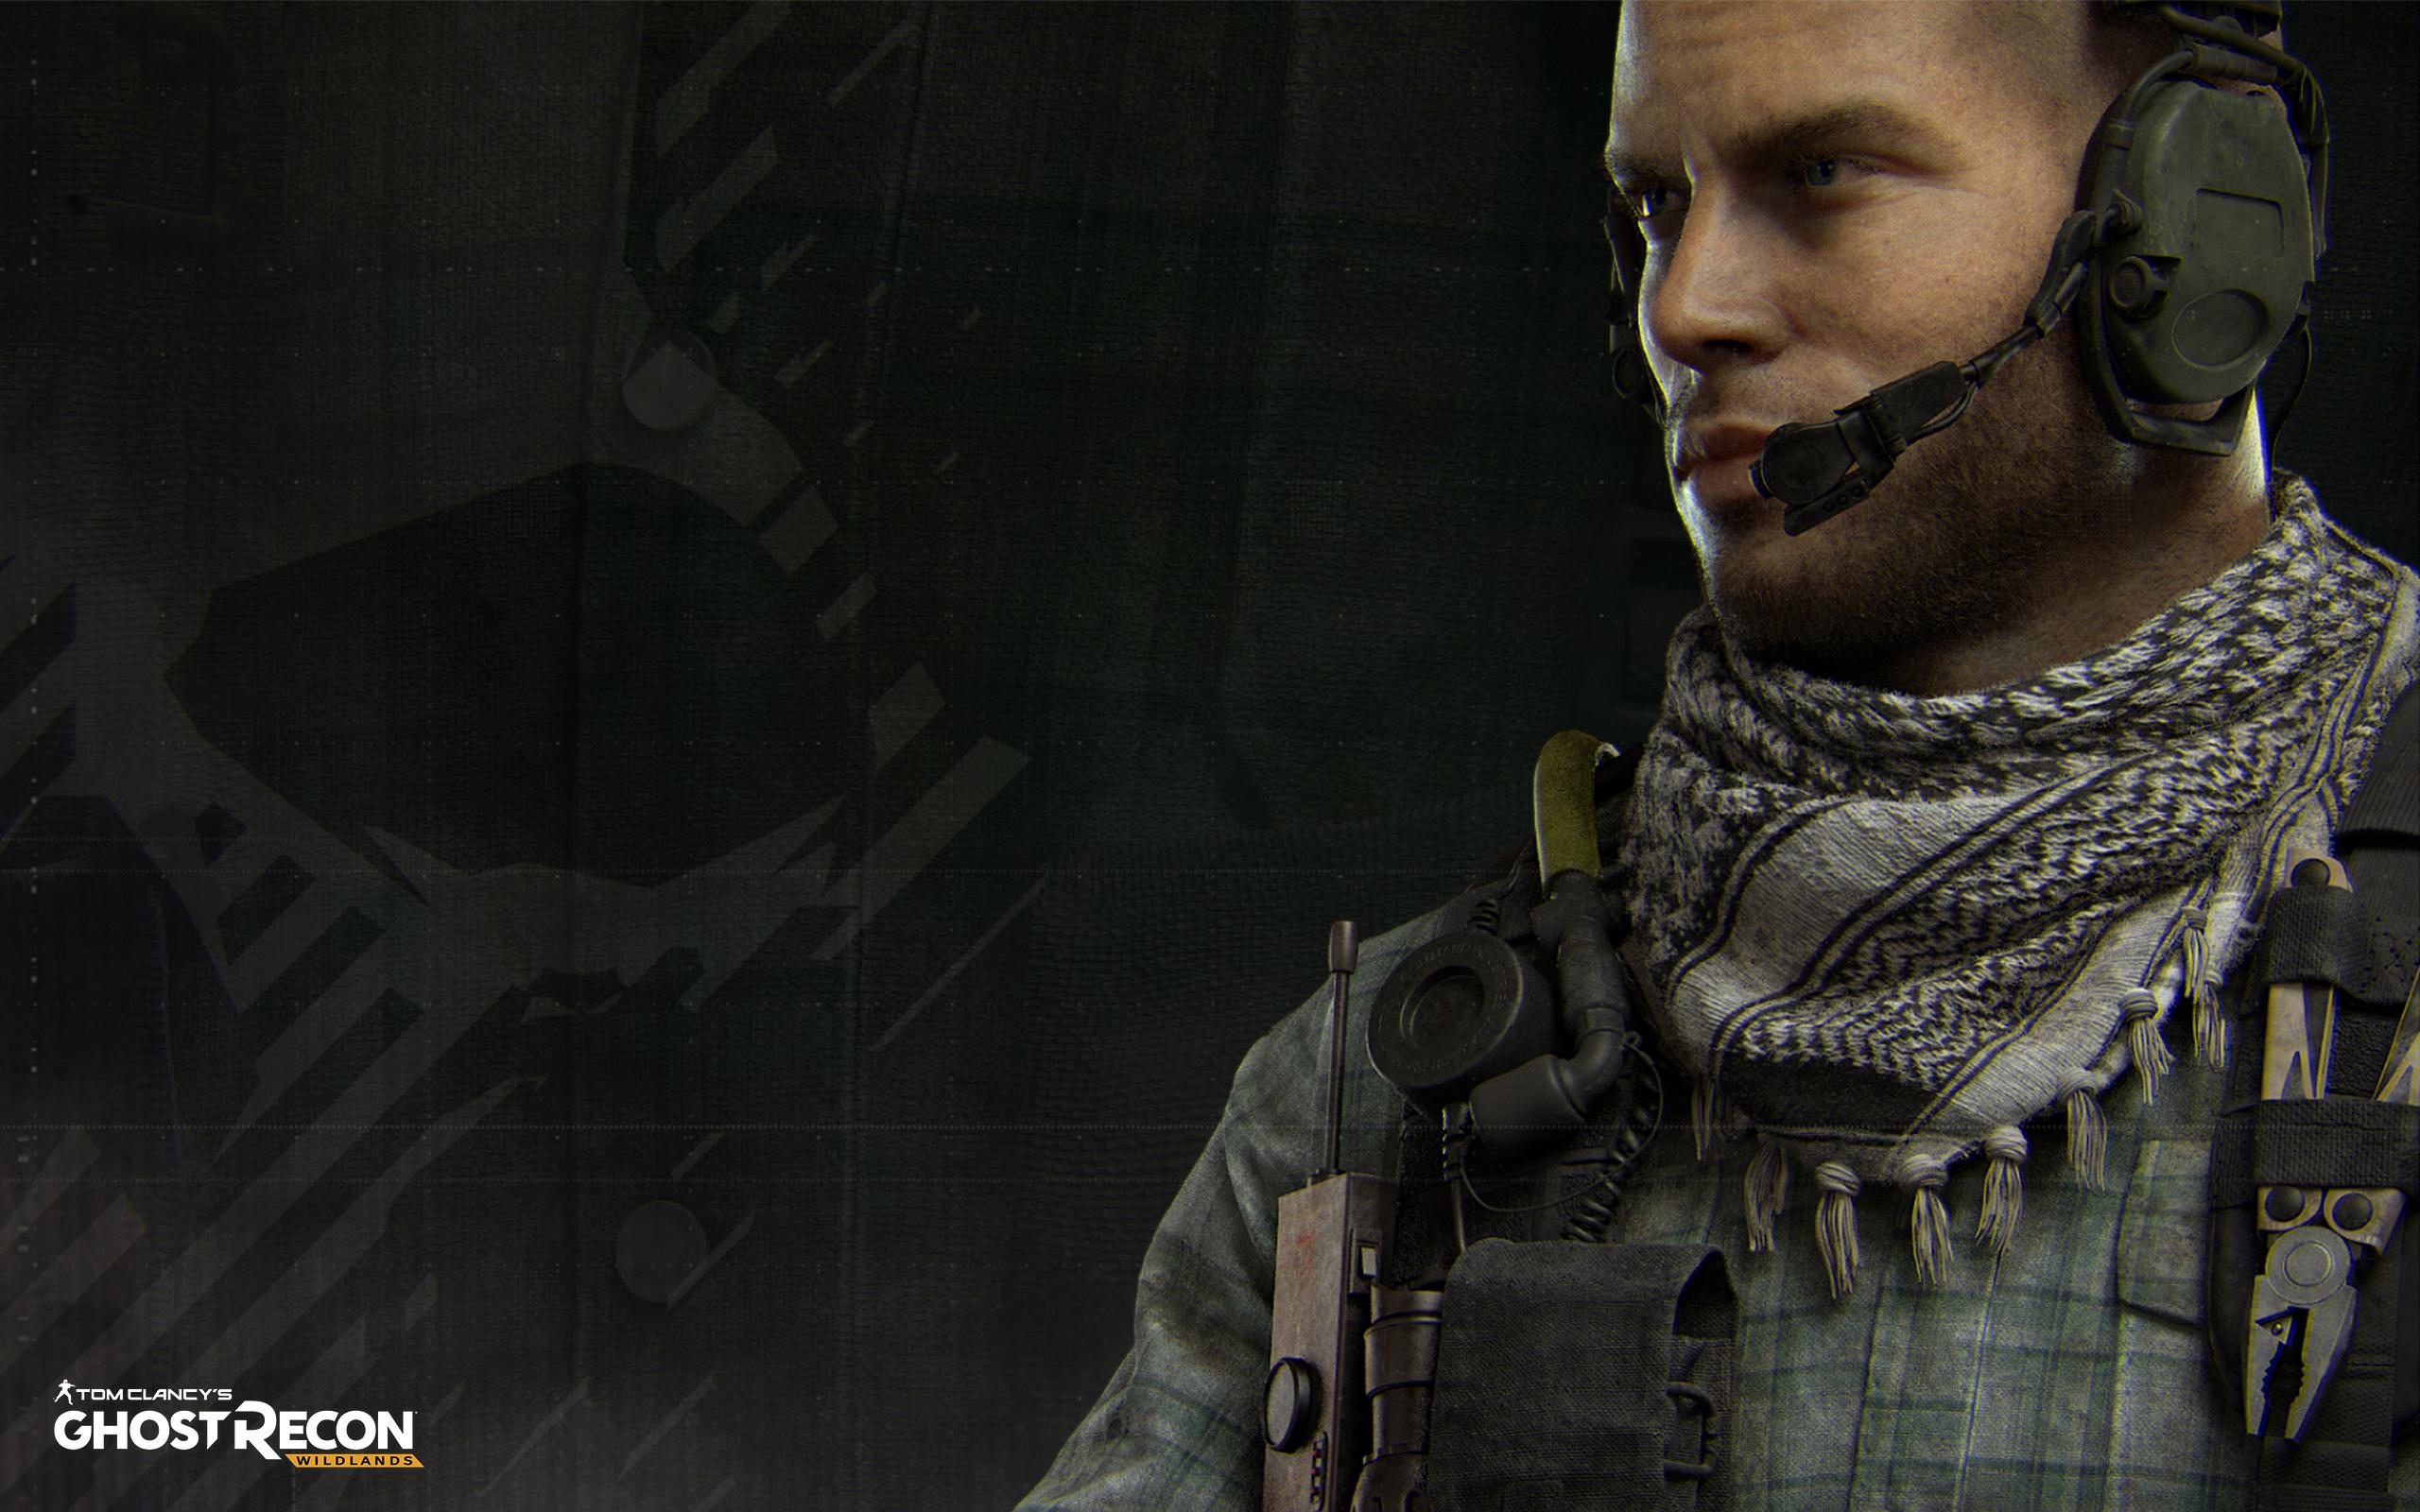 Holt Tom Clancys Ghost Recon Wildlands, HD Games, 4k